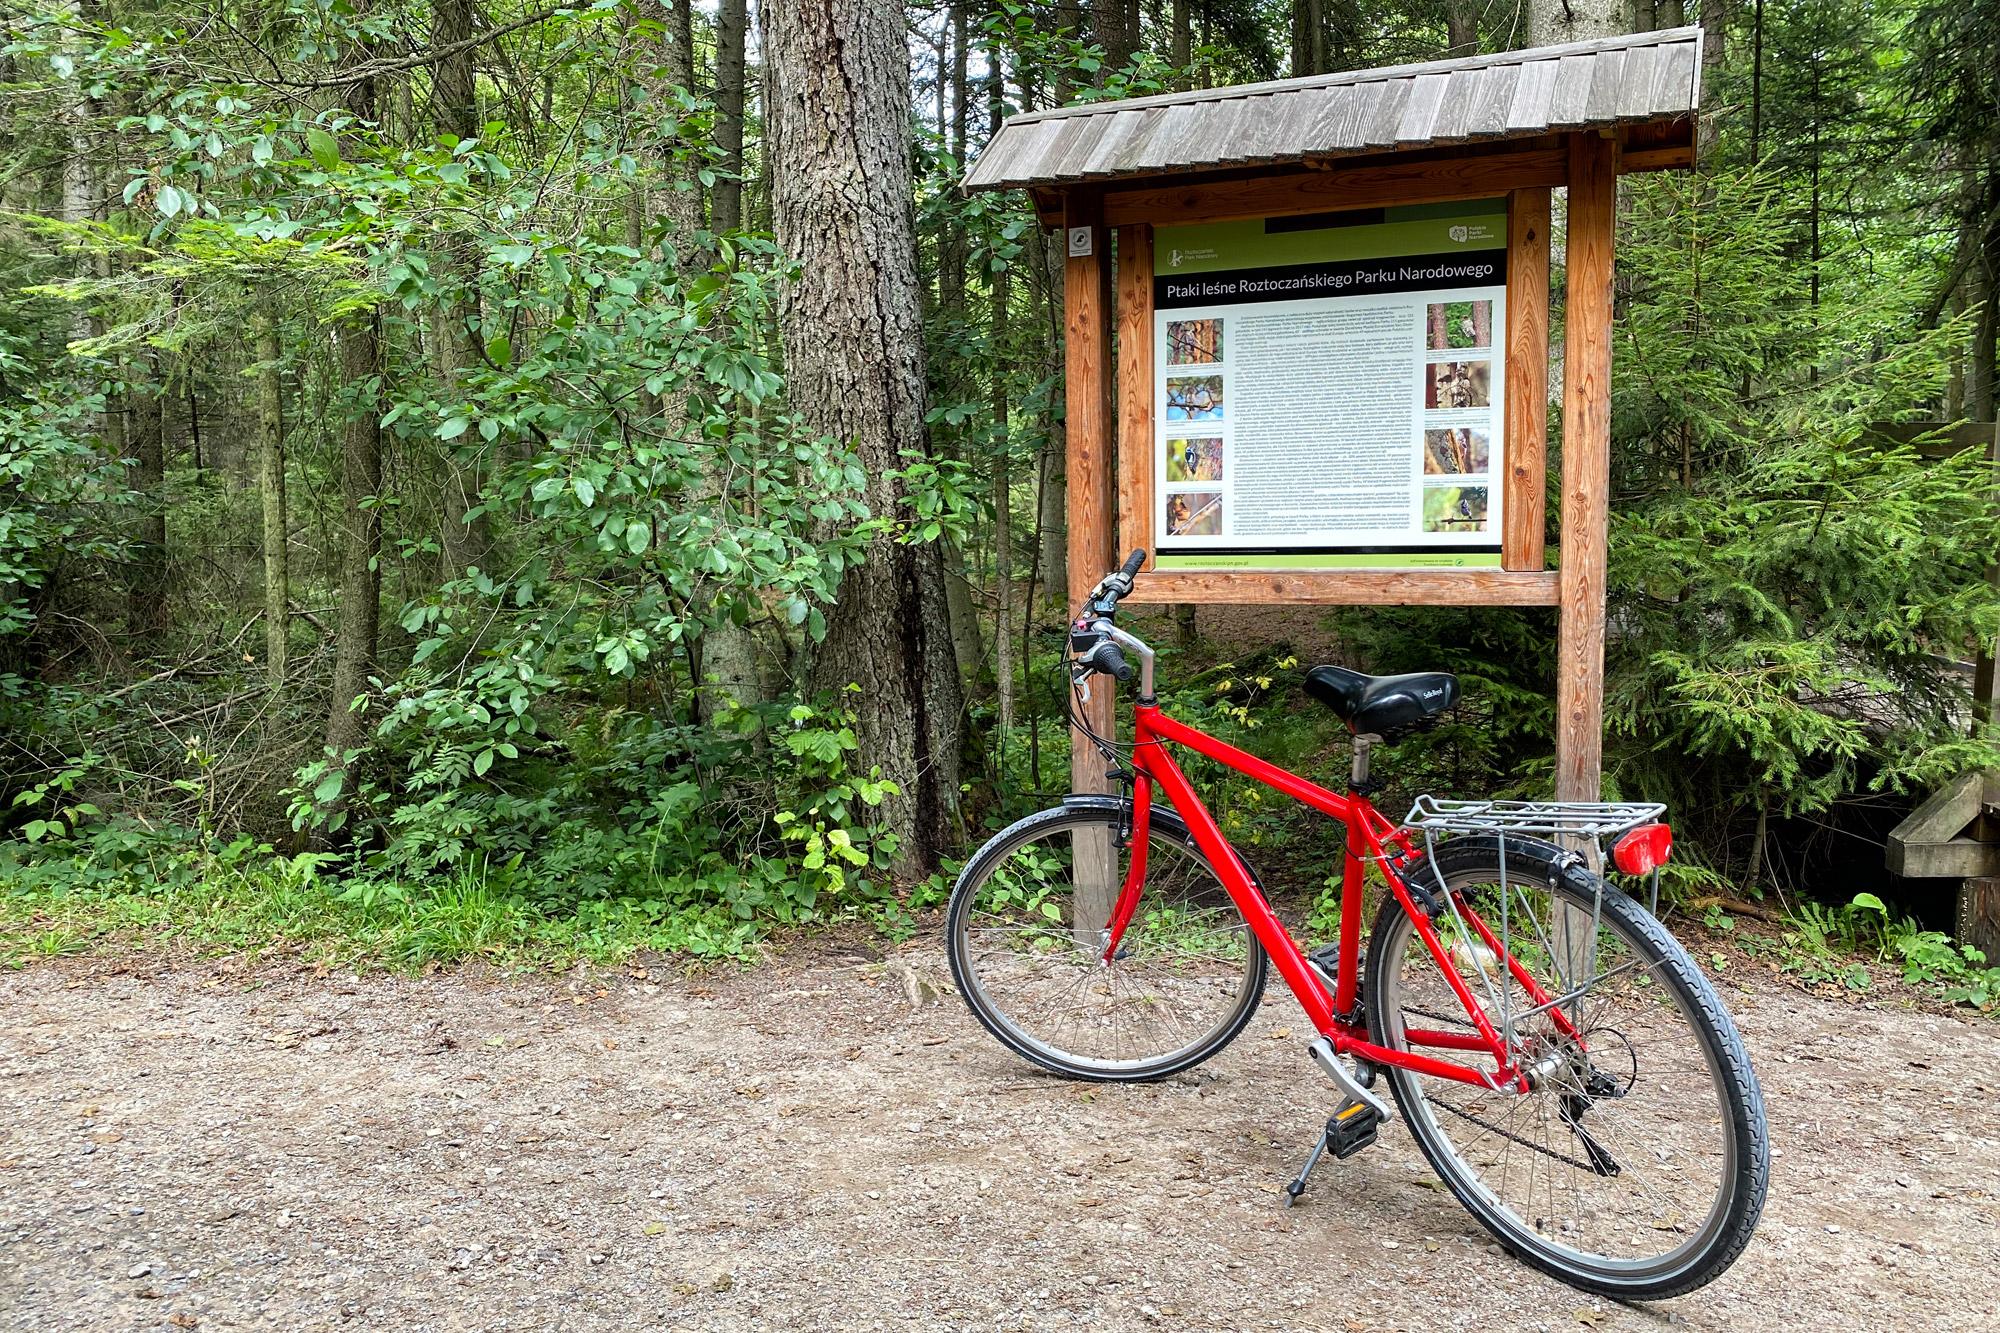 Lubelskie regio - Roztoczanski Nationaal Park